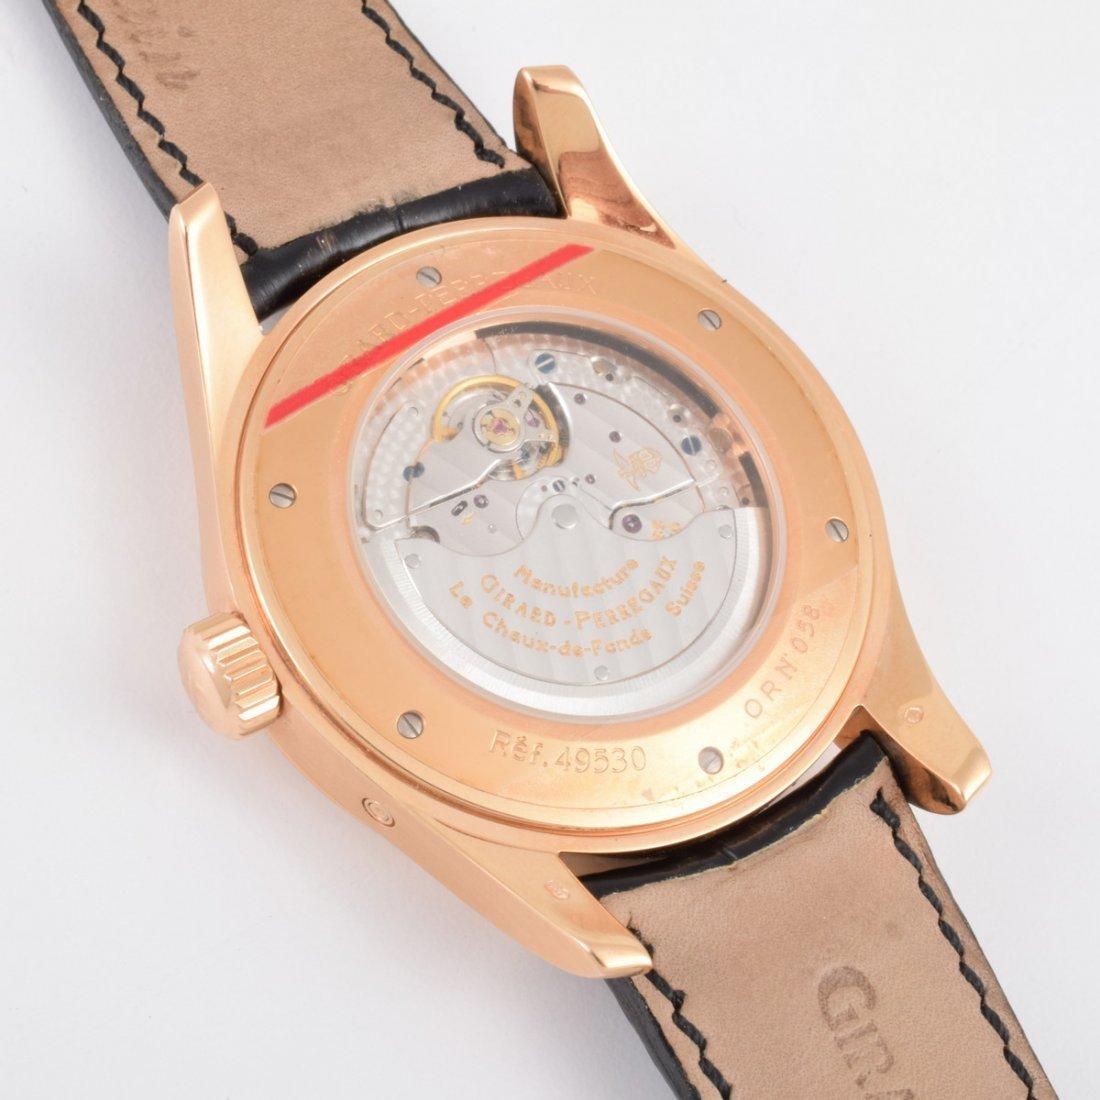 Girard-Perregaux 18K Rose Gold Watch - 5